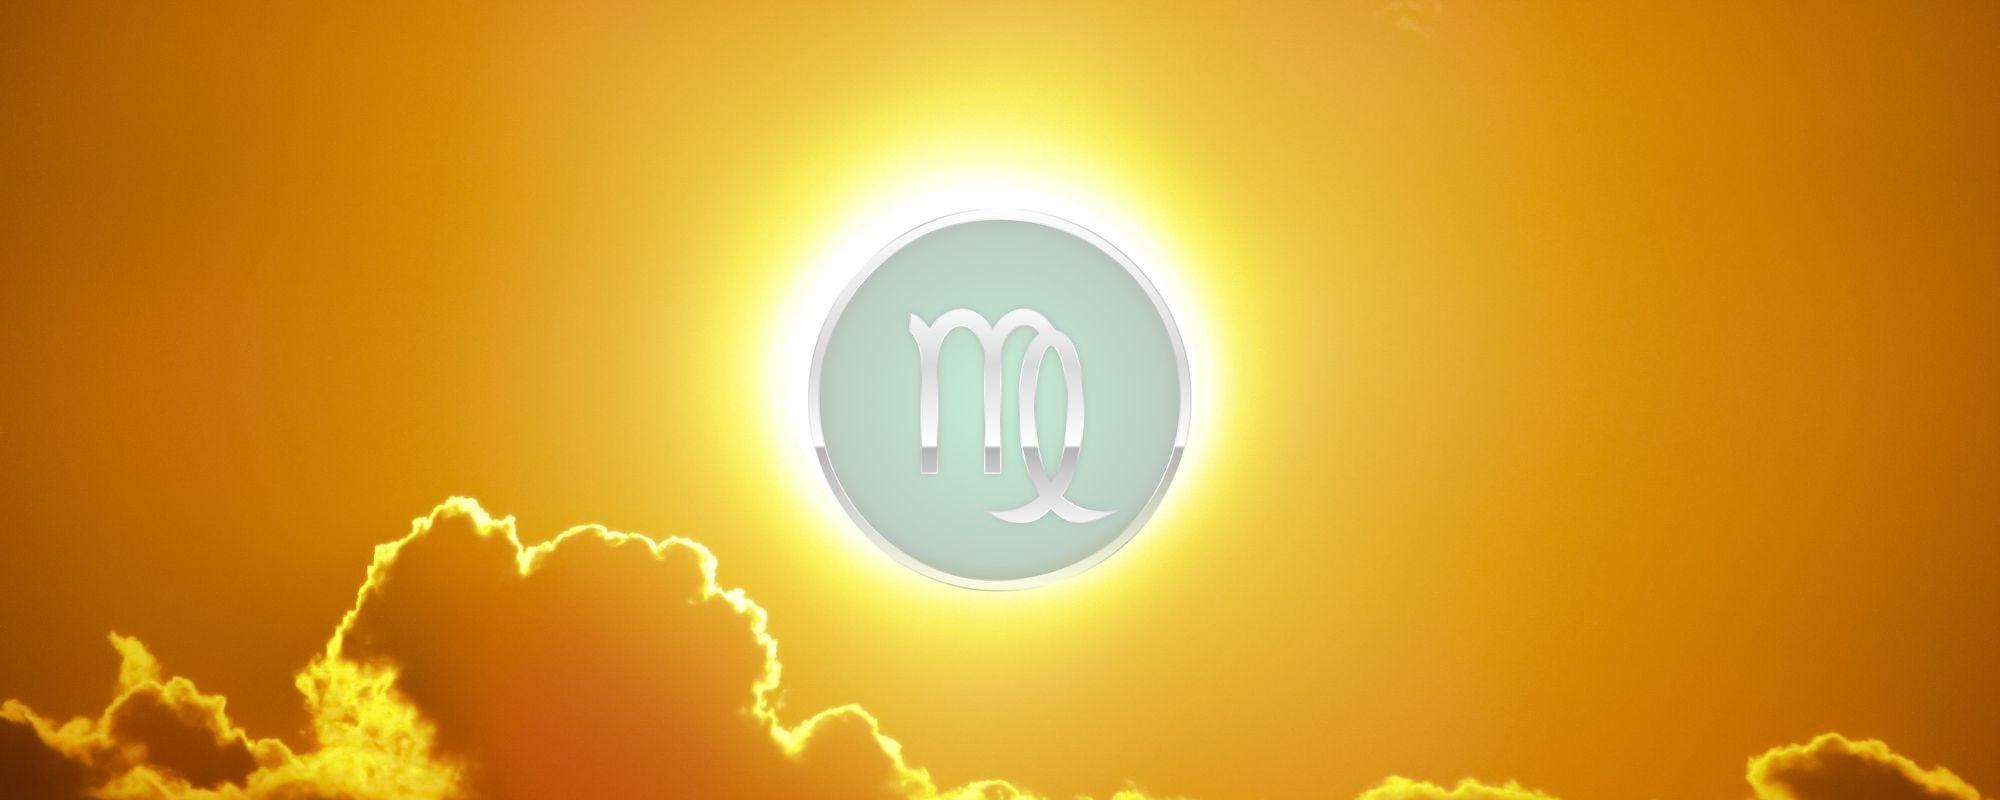 sole-vergine-effetti-ogni-segno-zodiacale